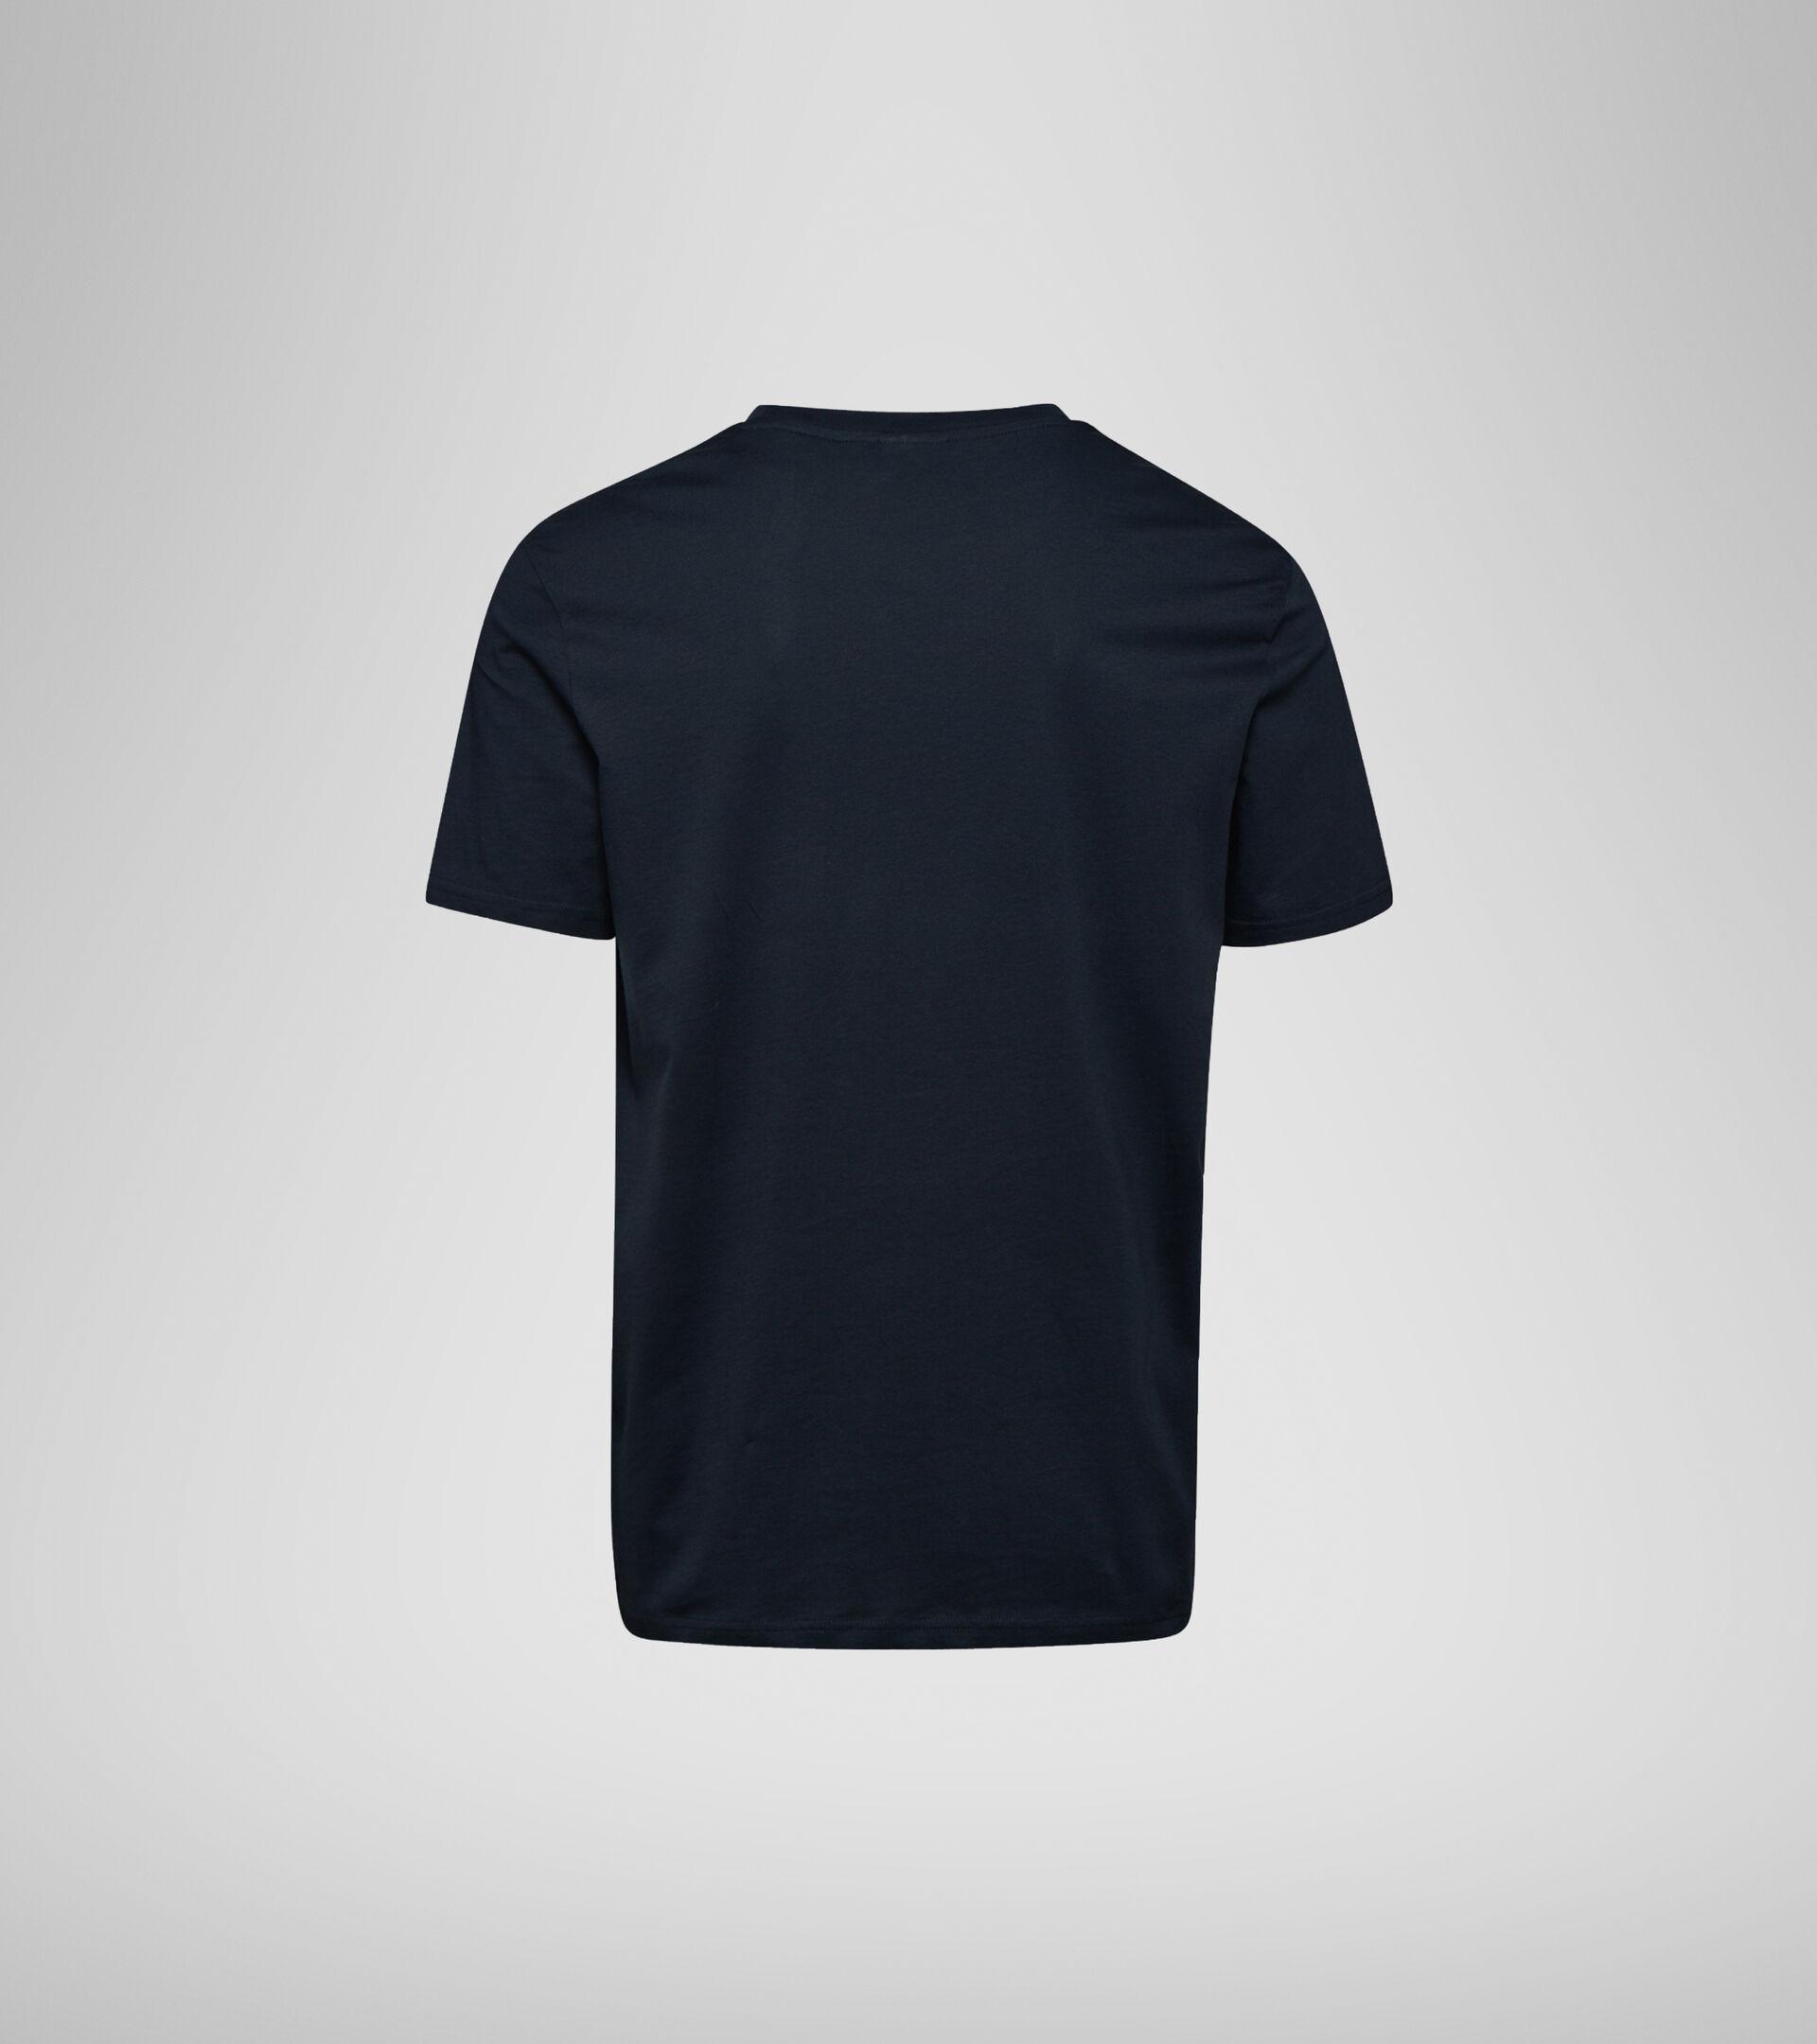 T-shirt - Uomo SS T-SHIRT CORE OC BLU CORSARO - Diadora